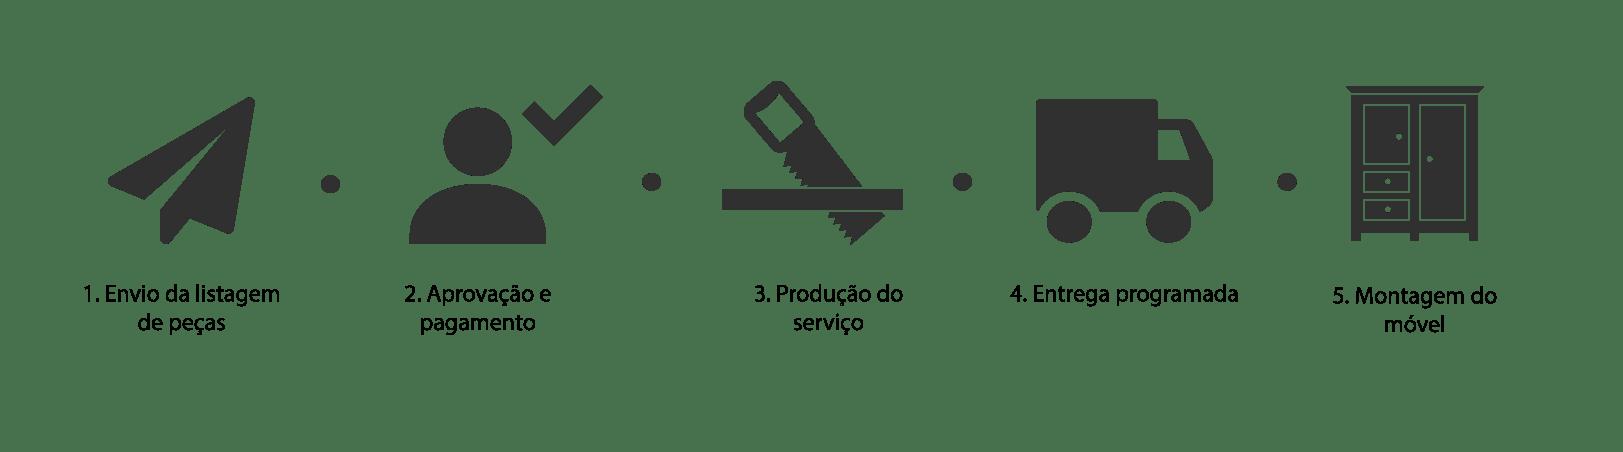 Resumo das etapas do processo de fabricação em esquema